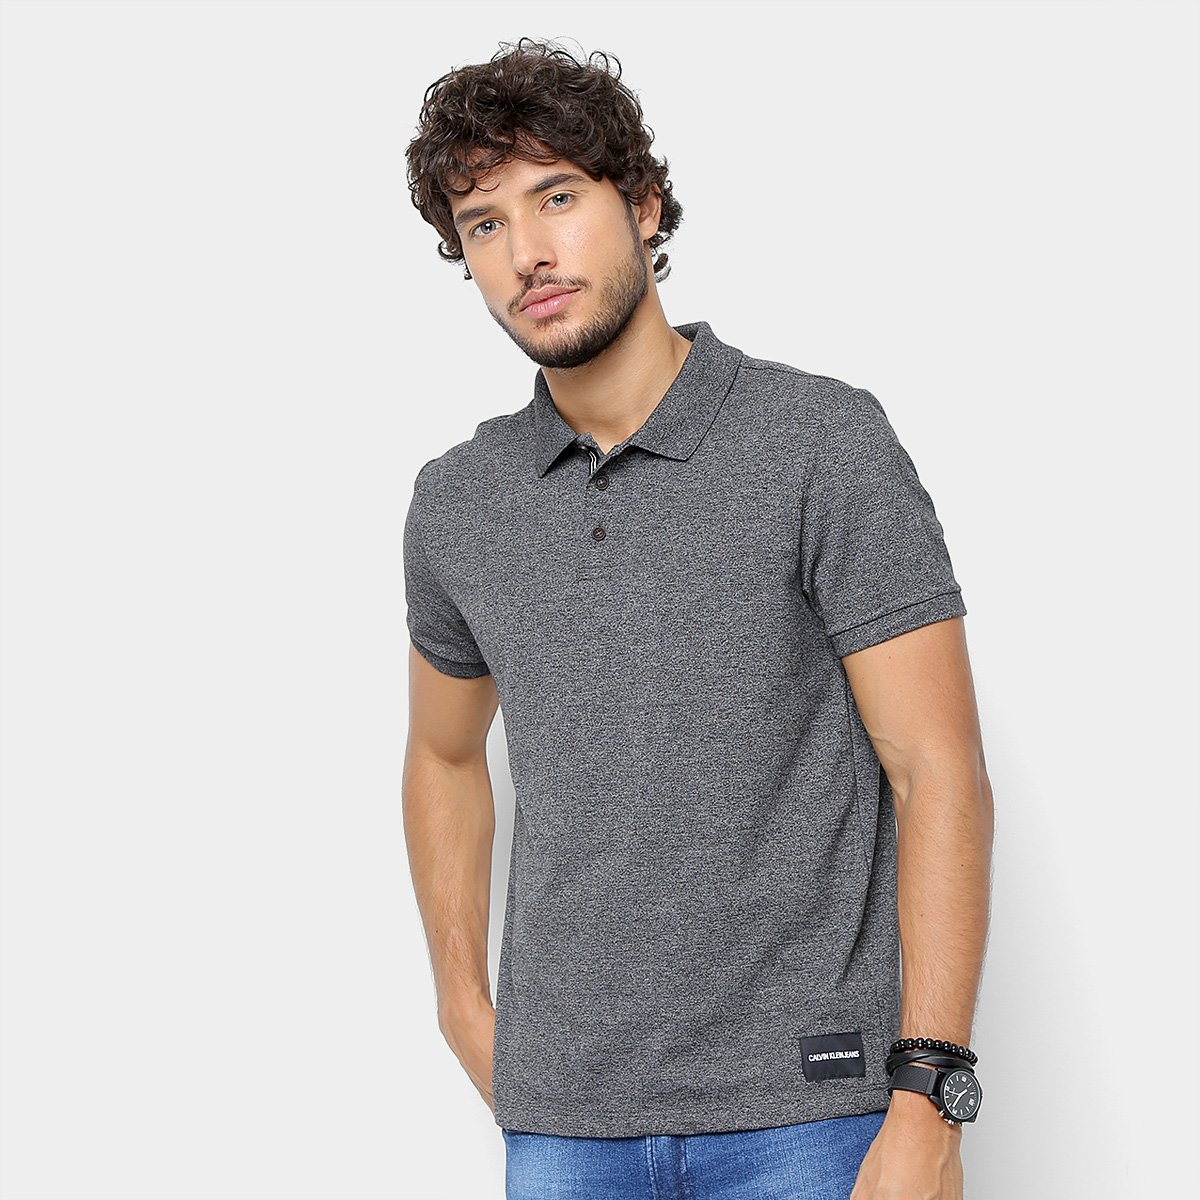 97cae33cce87f Camisa Polo Calvin Klein Mesclada Masculina - Cinza - Compre Agora ...